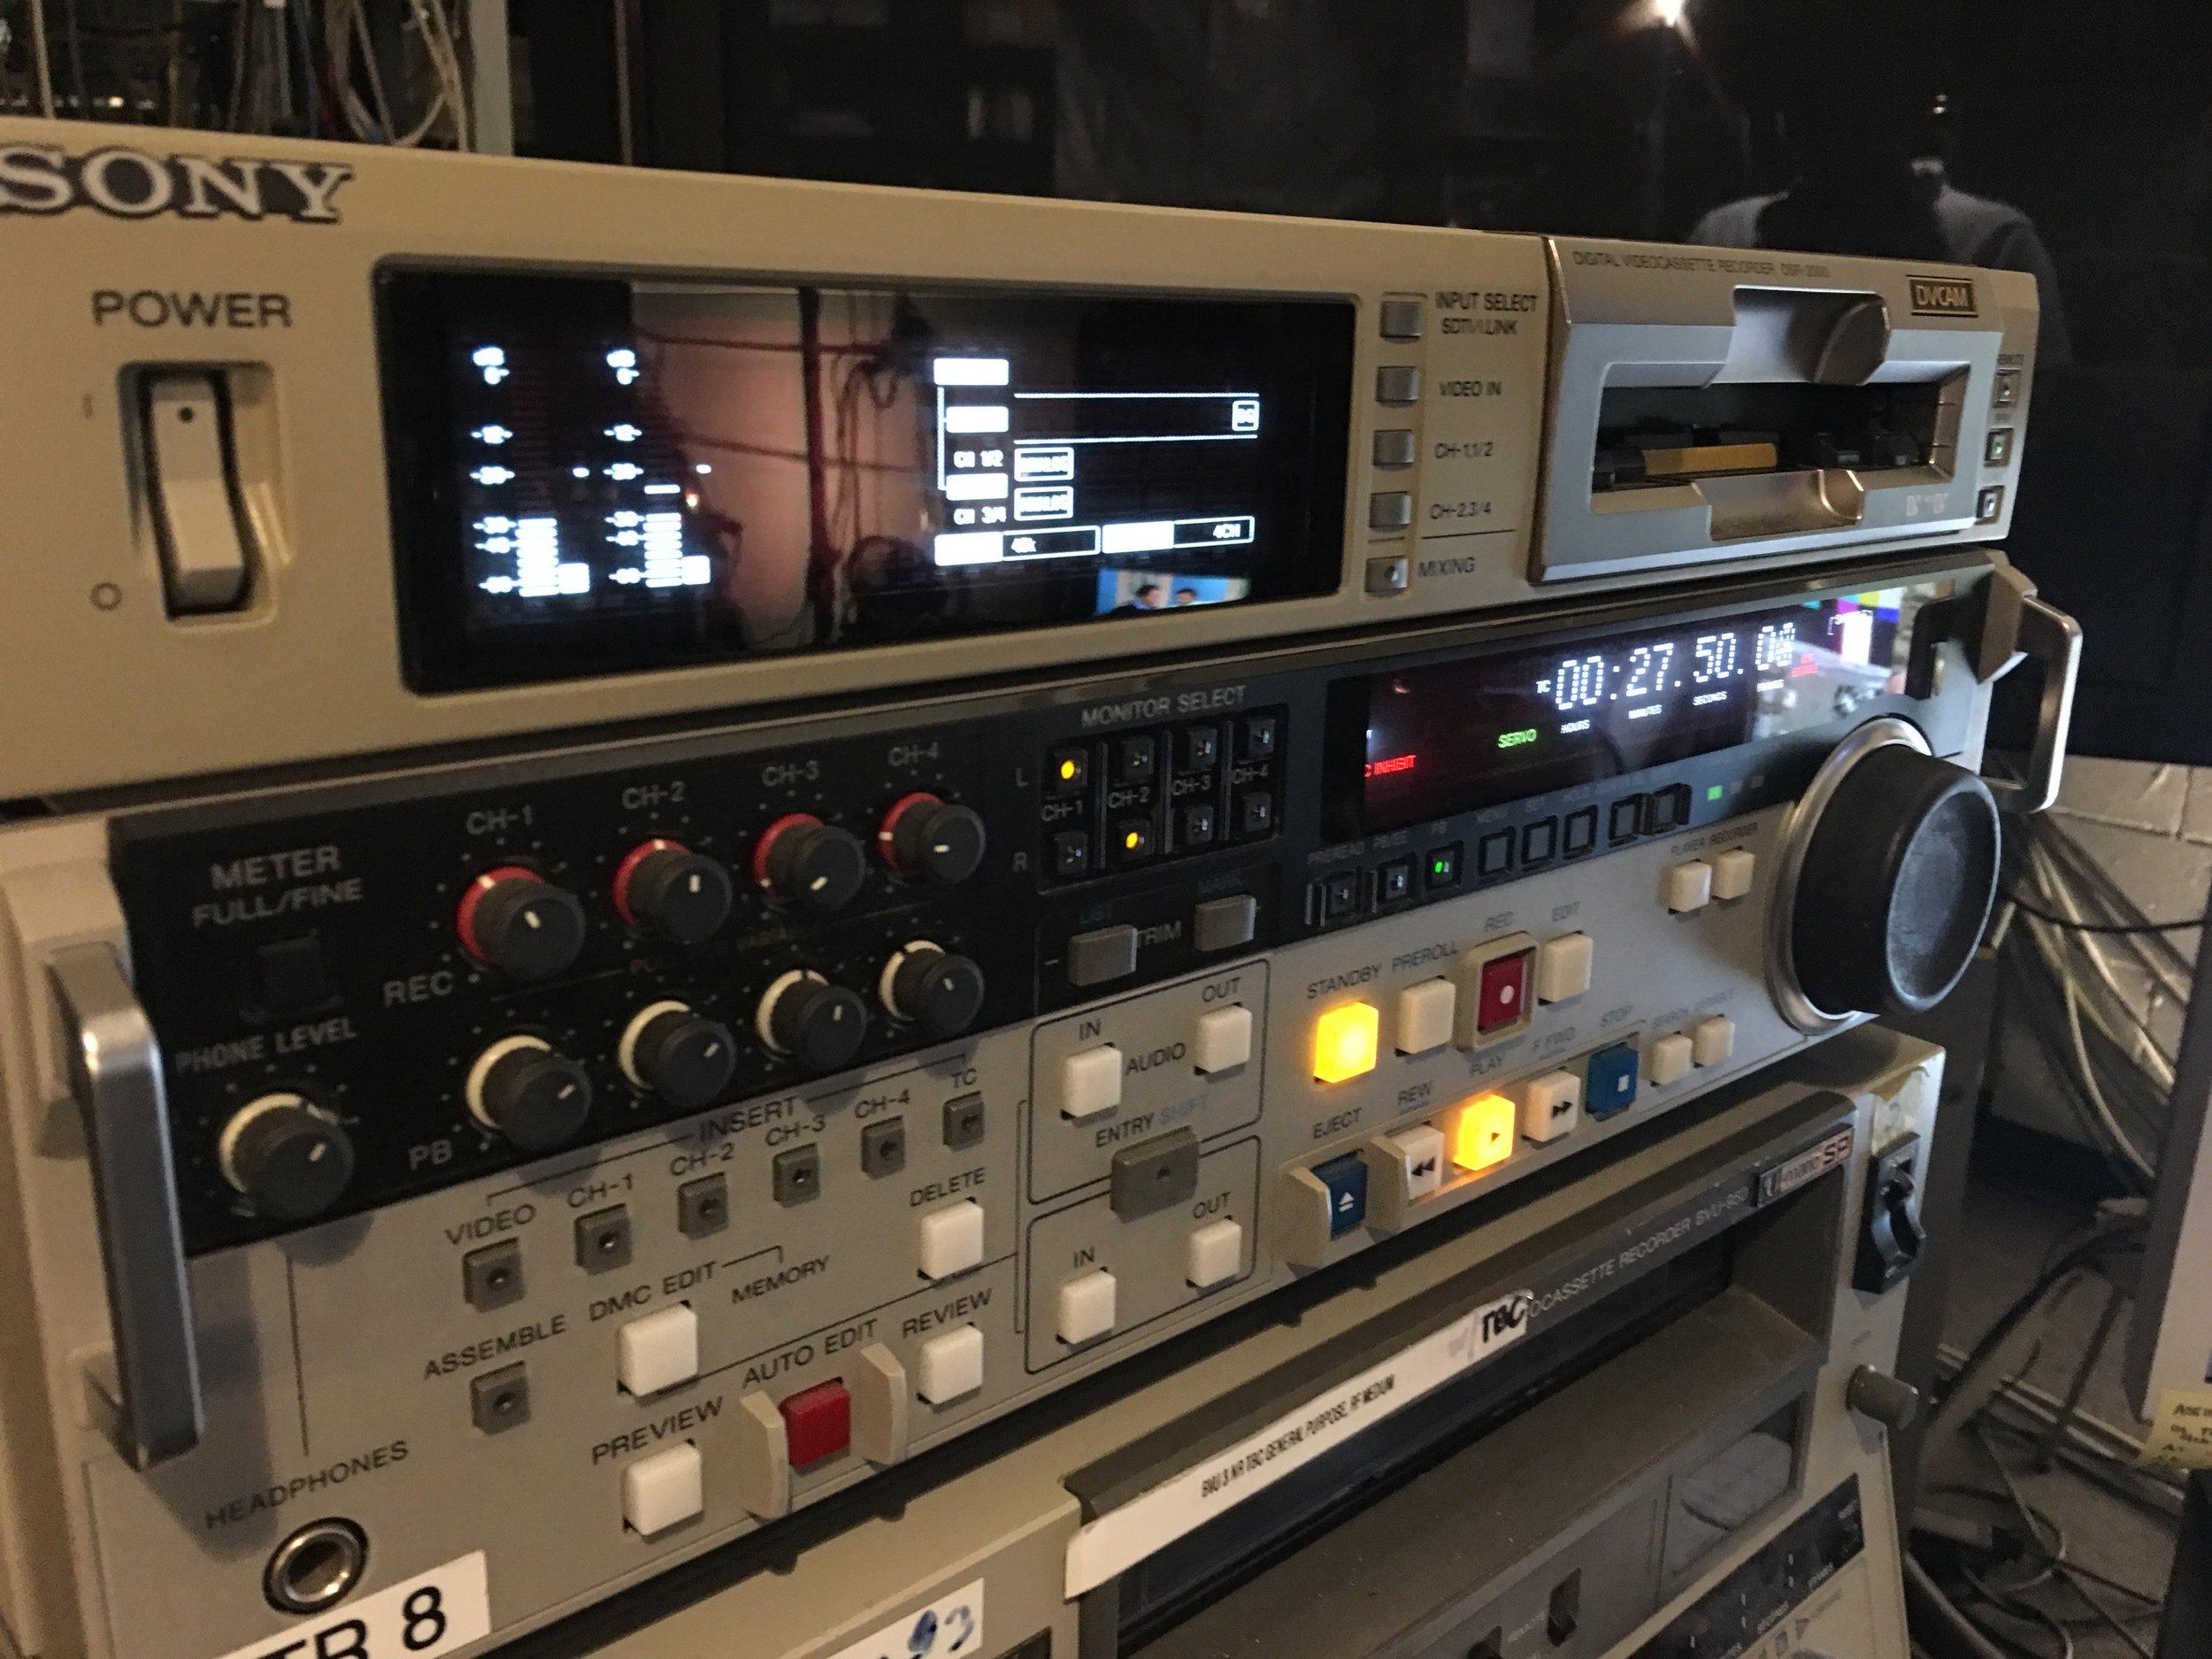 Sony DVCam DSR-2000